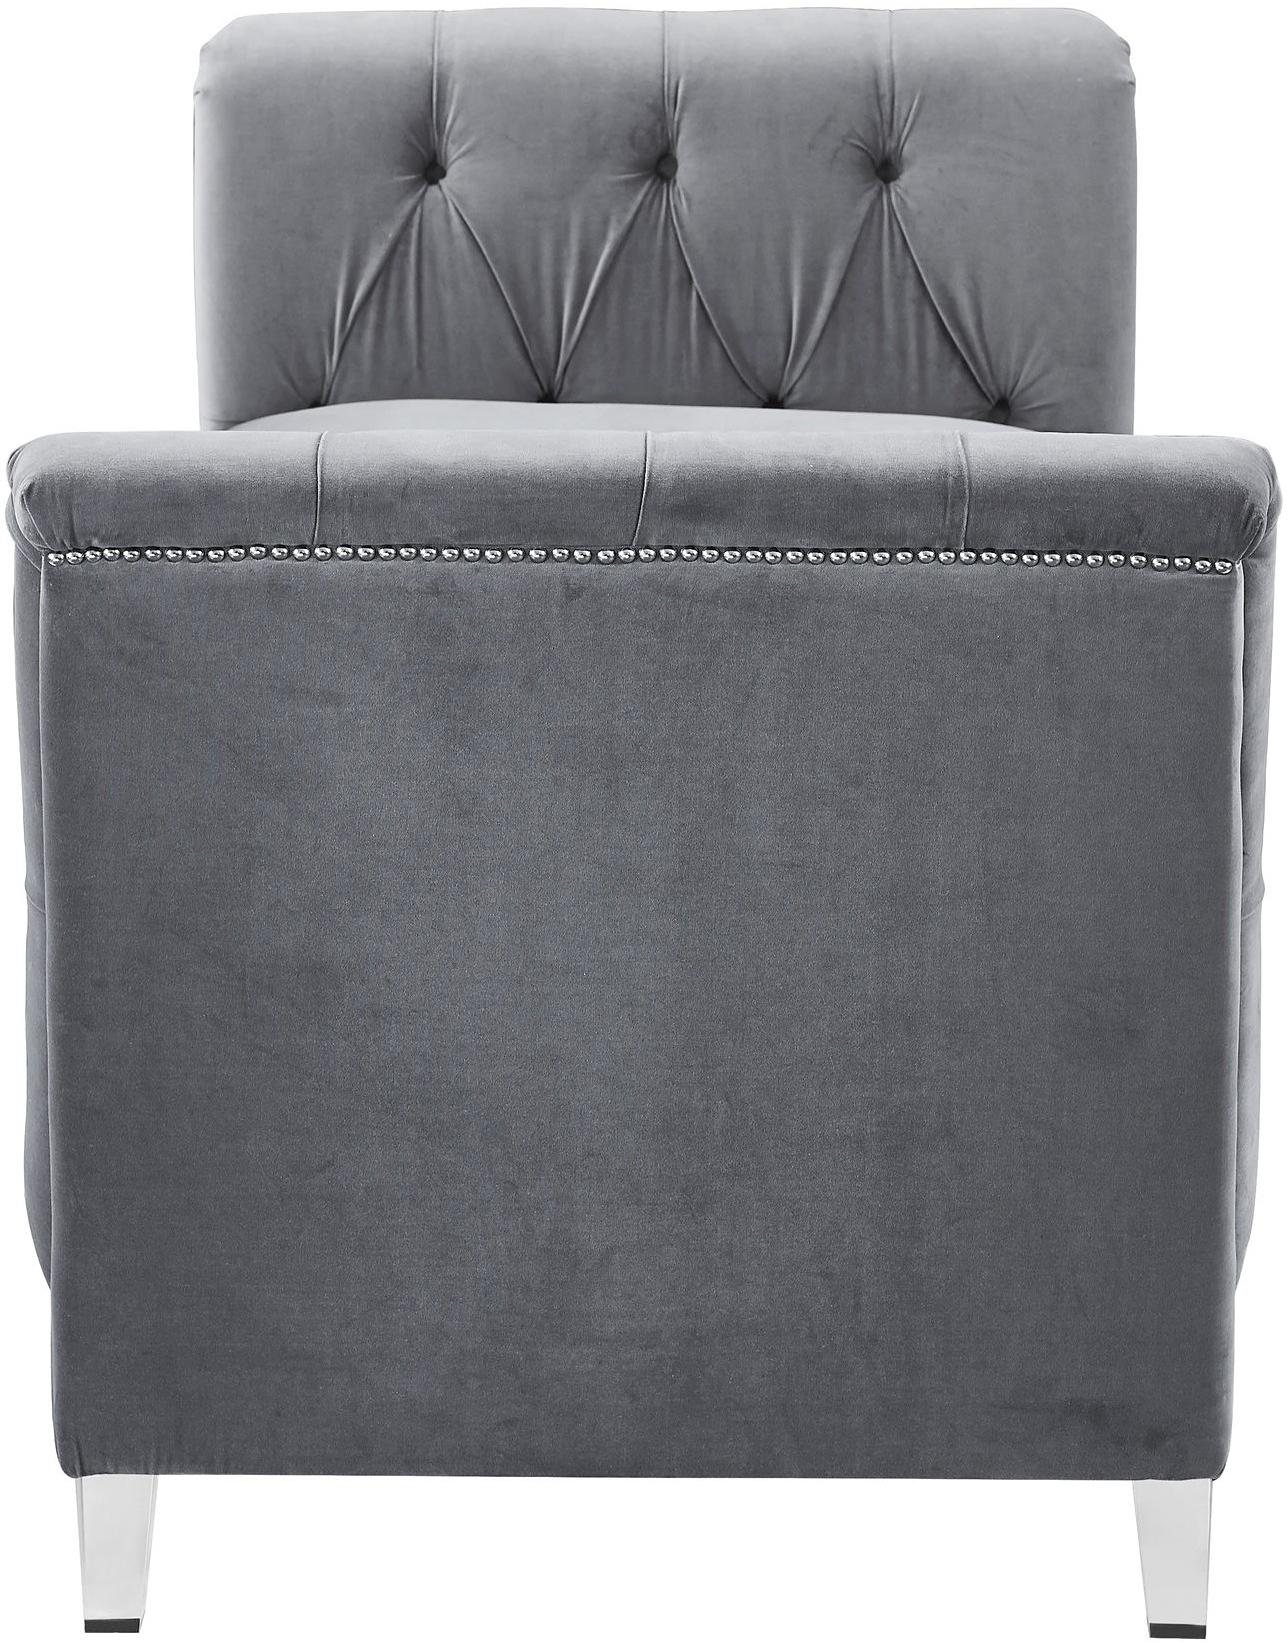 velvet grey presidio bench daybed